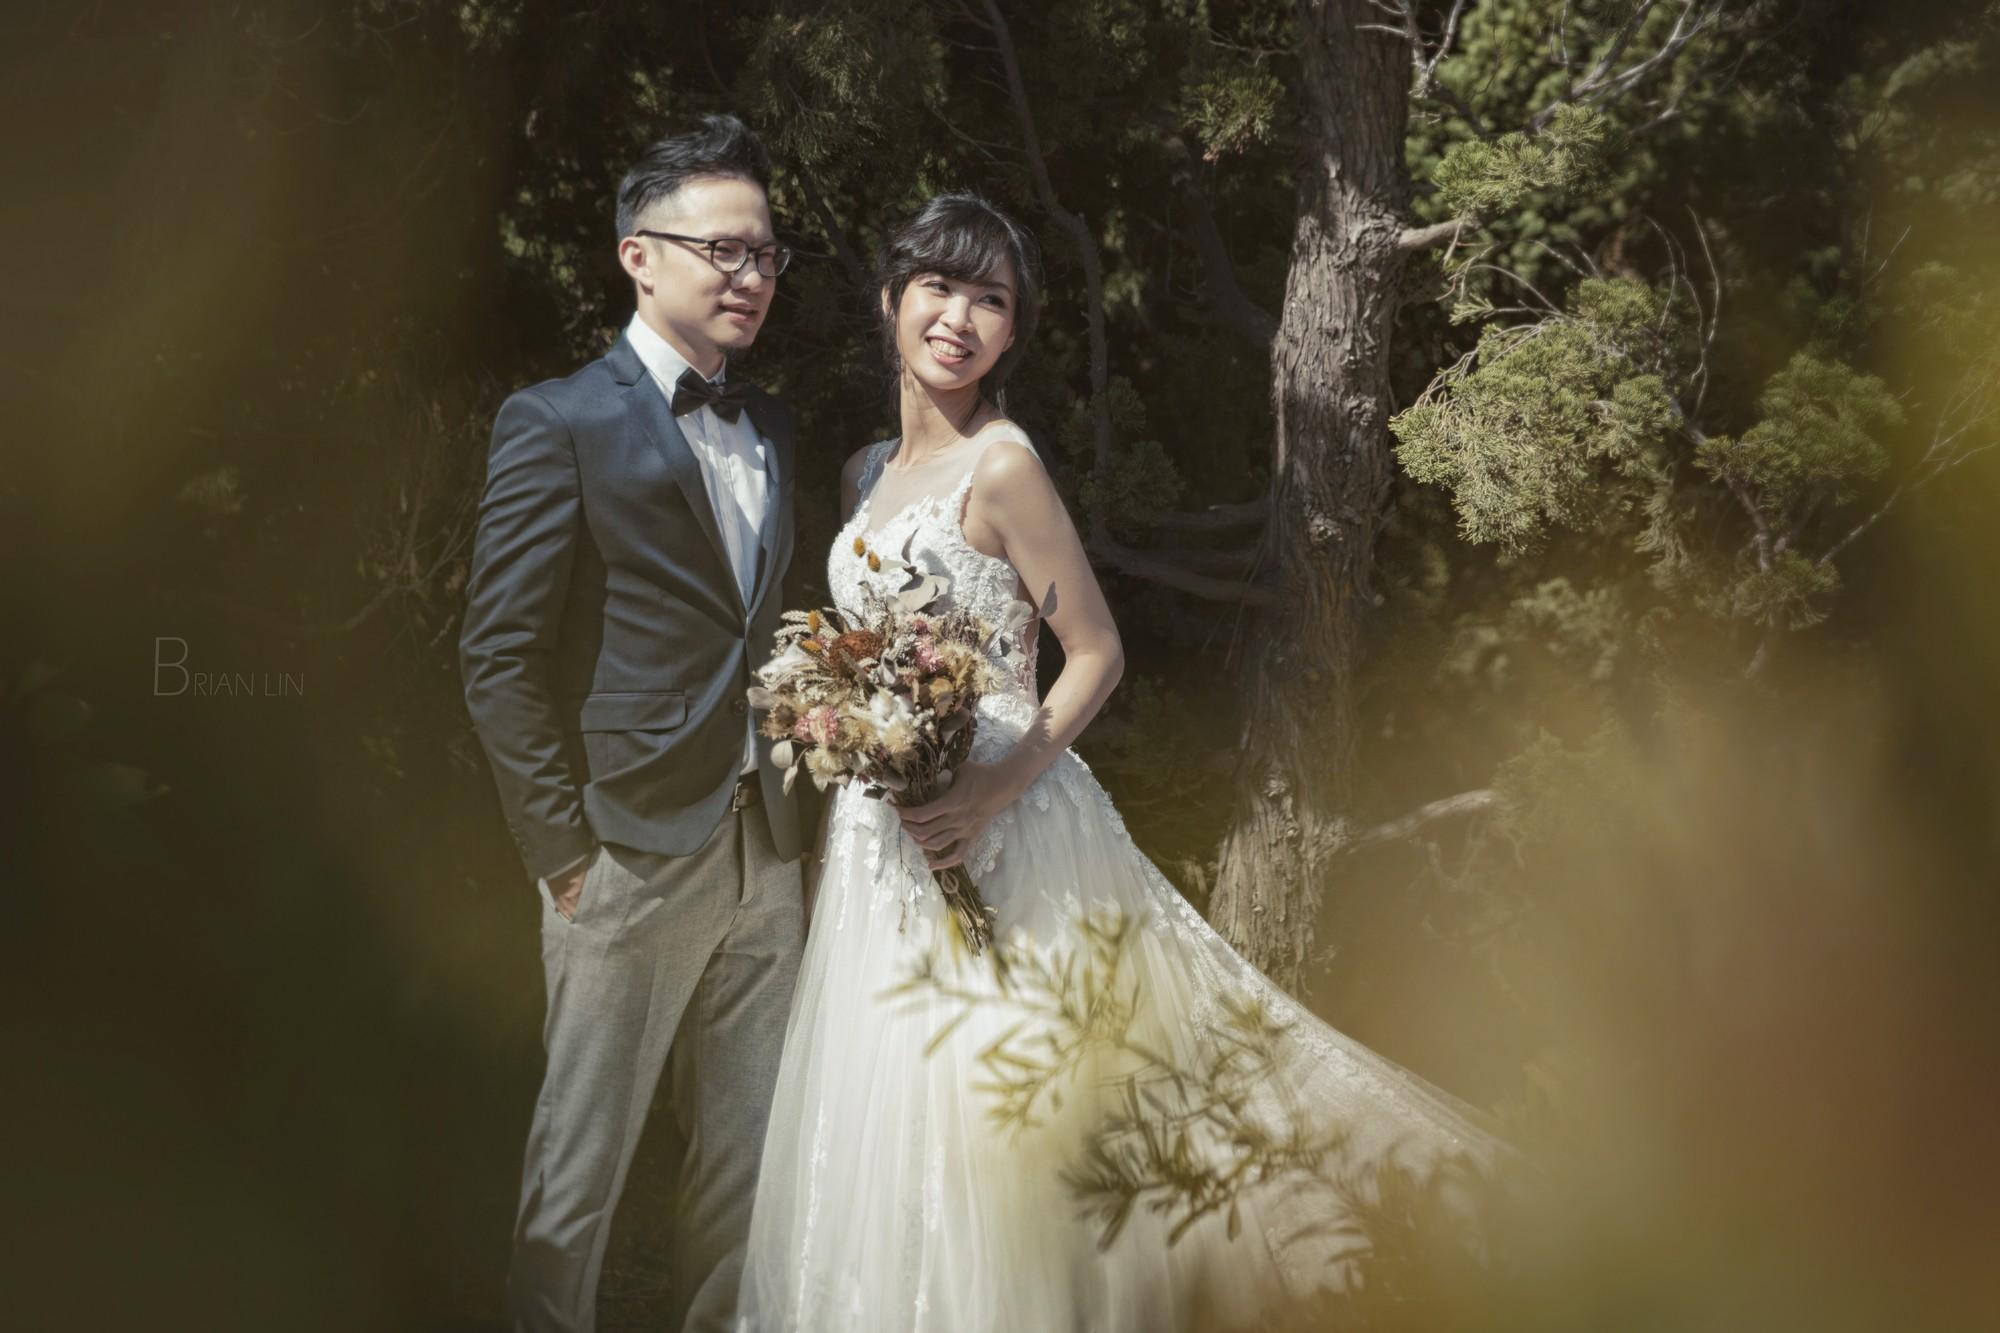 婚紗攝影,自助婚紗,婚紗攝影工作室,海外婚紗,婚紗攝影團隊,攝影工作室,婚紗照,婚紗照推薦,婚禮攝影價格,婚紗攝影師,自助婚紗包套